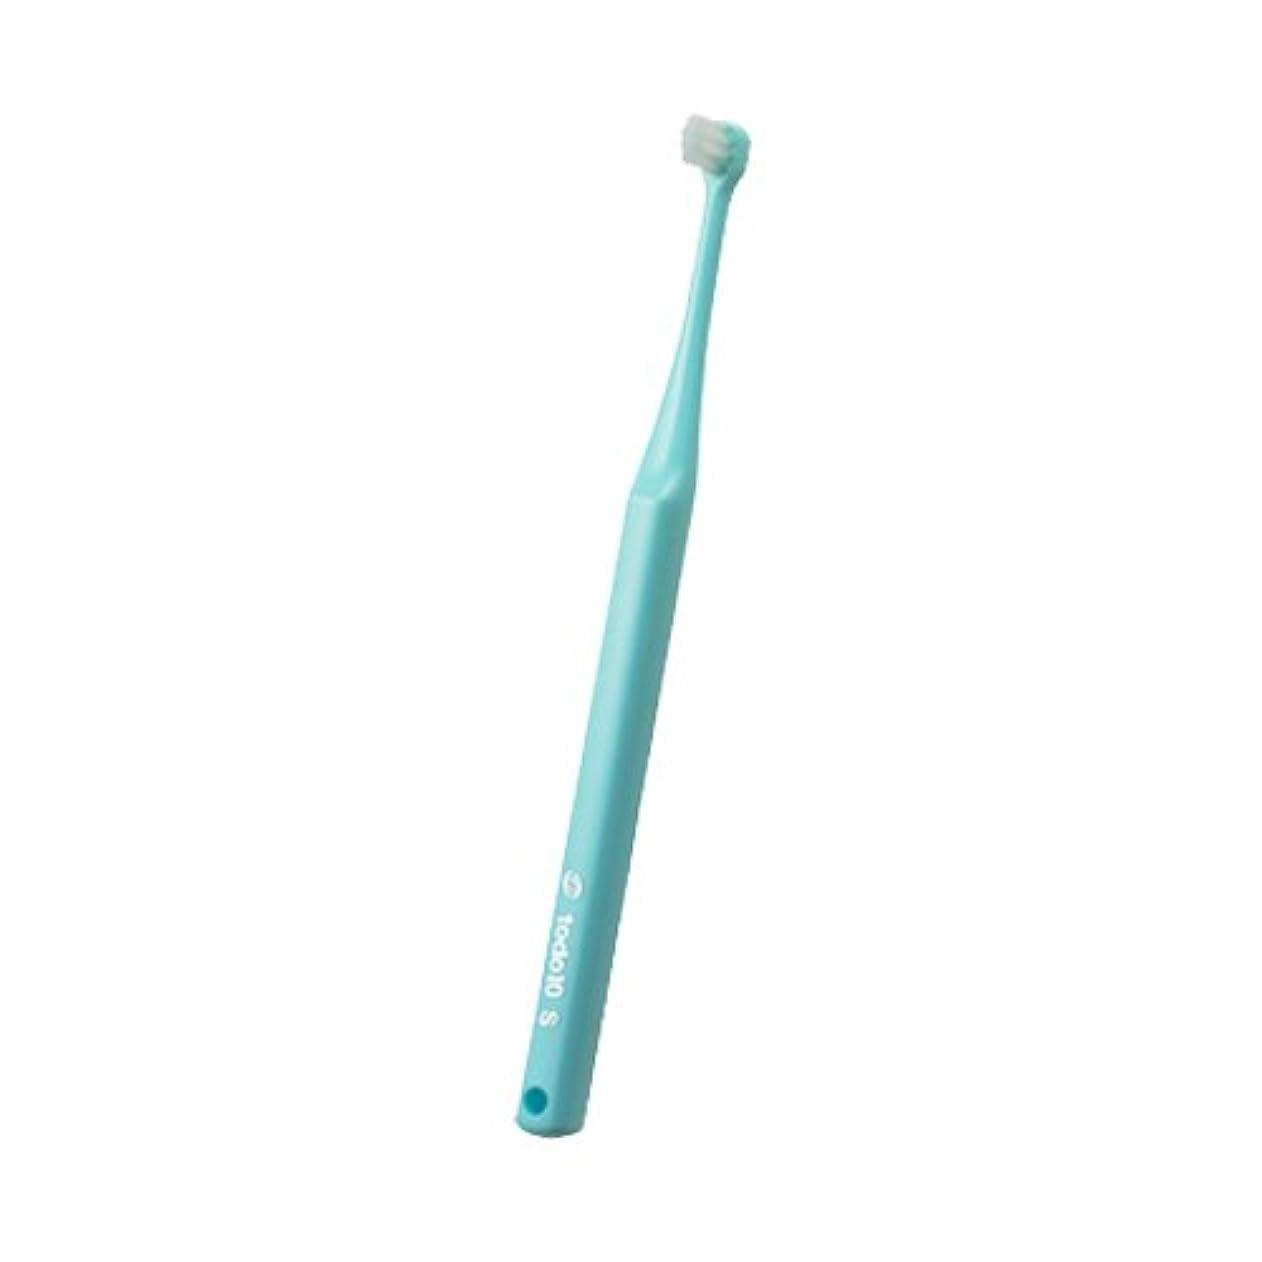 シード抹消スペイン語オーラルケア todo10 トゥードゥー ? テン 歯ブラシ 1本 ブルー